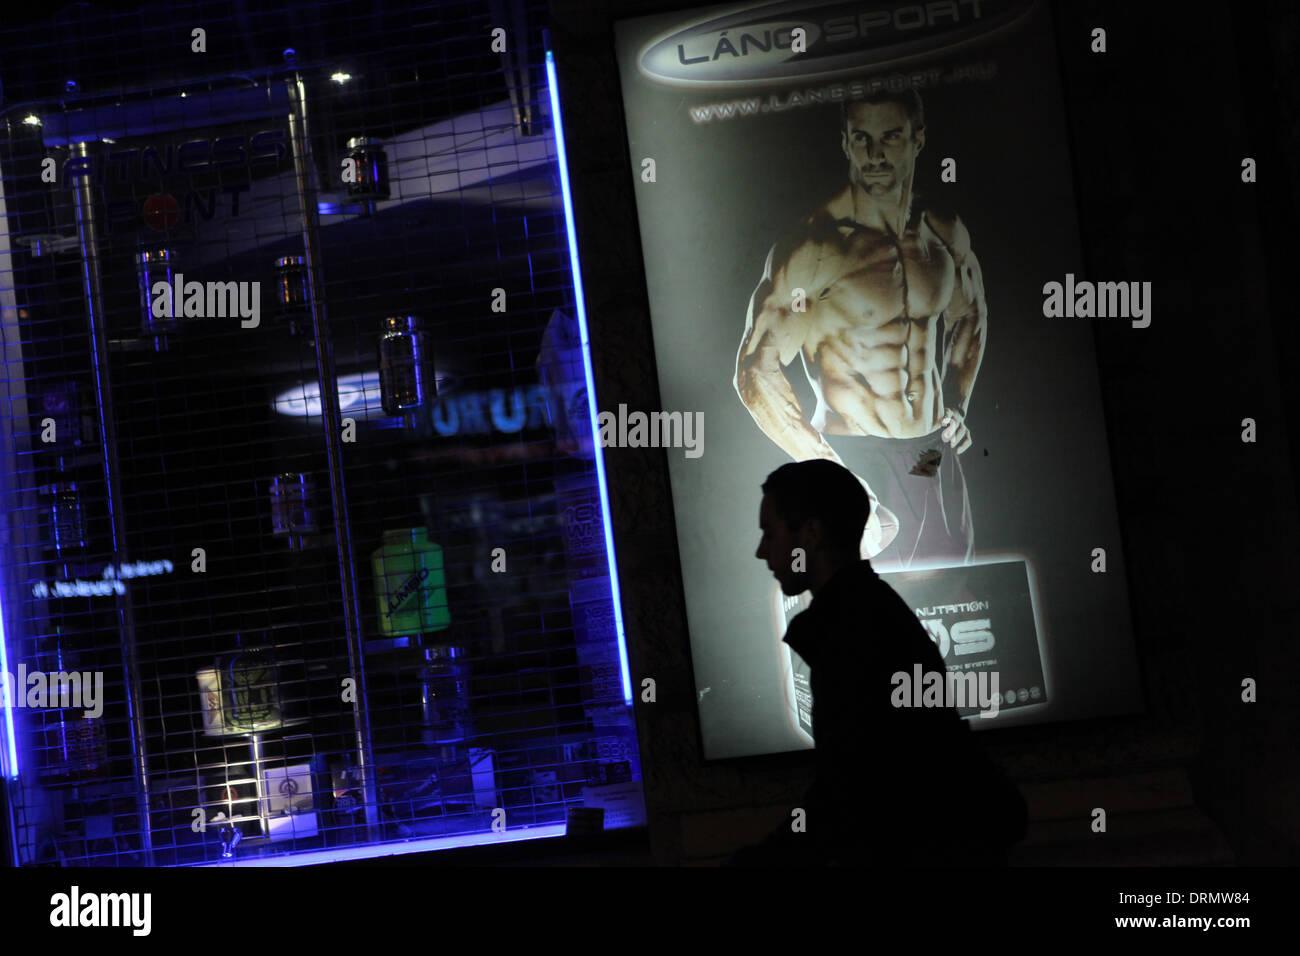 Un uomo passa alla vetrina di un negozio decorata con pubblicità di bodybuilding supplemento in Budapest, Ungheria. Immagini Stock